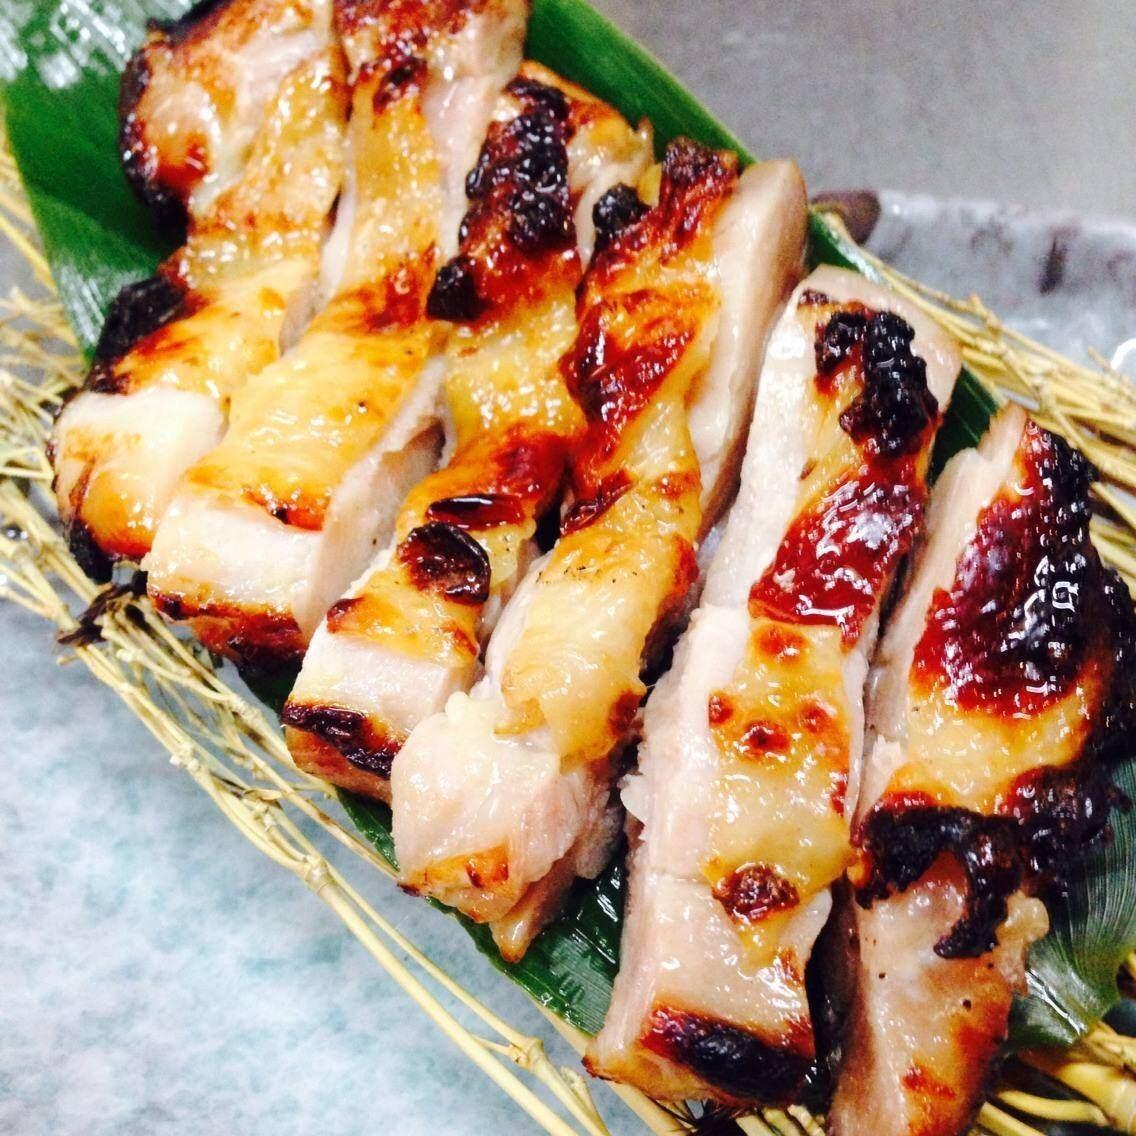 鸡肉过夜干自制盐曲司腌制